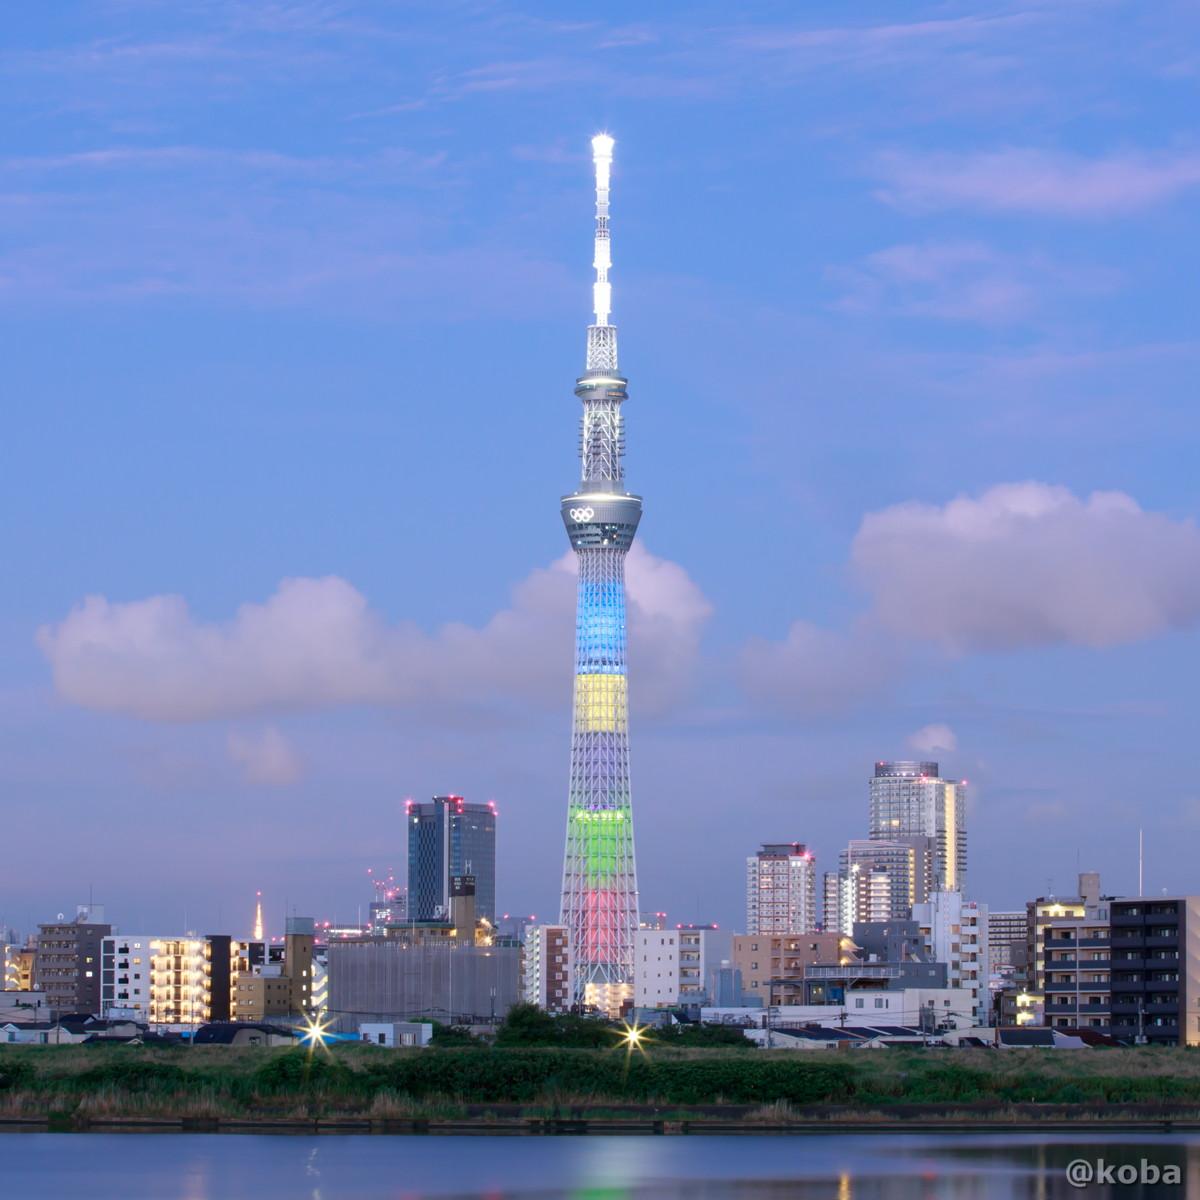 早朝のスカイツリー 東京2020オリンピック競技大会開催 tokyo2020 Olympic 葛飾区・四ツ木(よつぎ) こばブログ